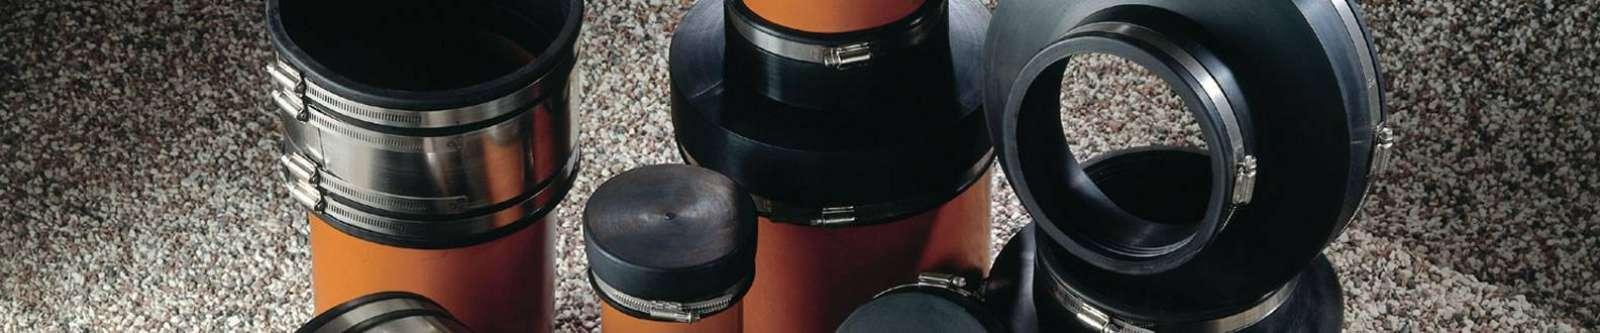 Flexicon Rubber Couplers & Adaptors